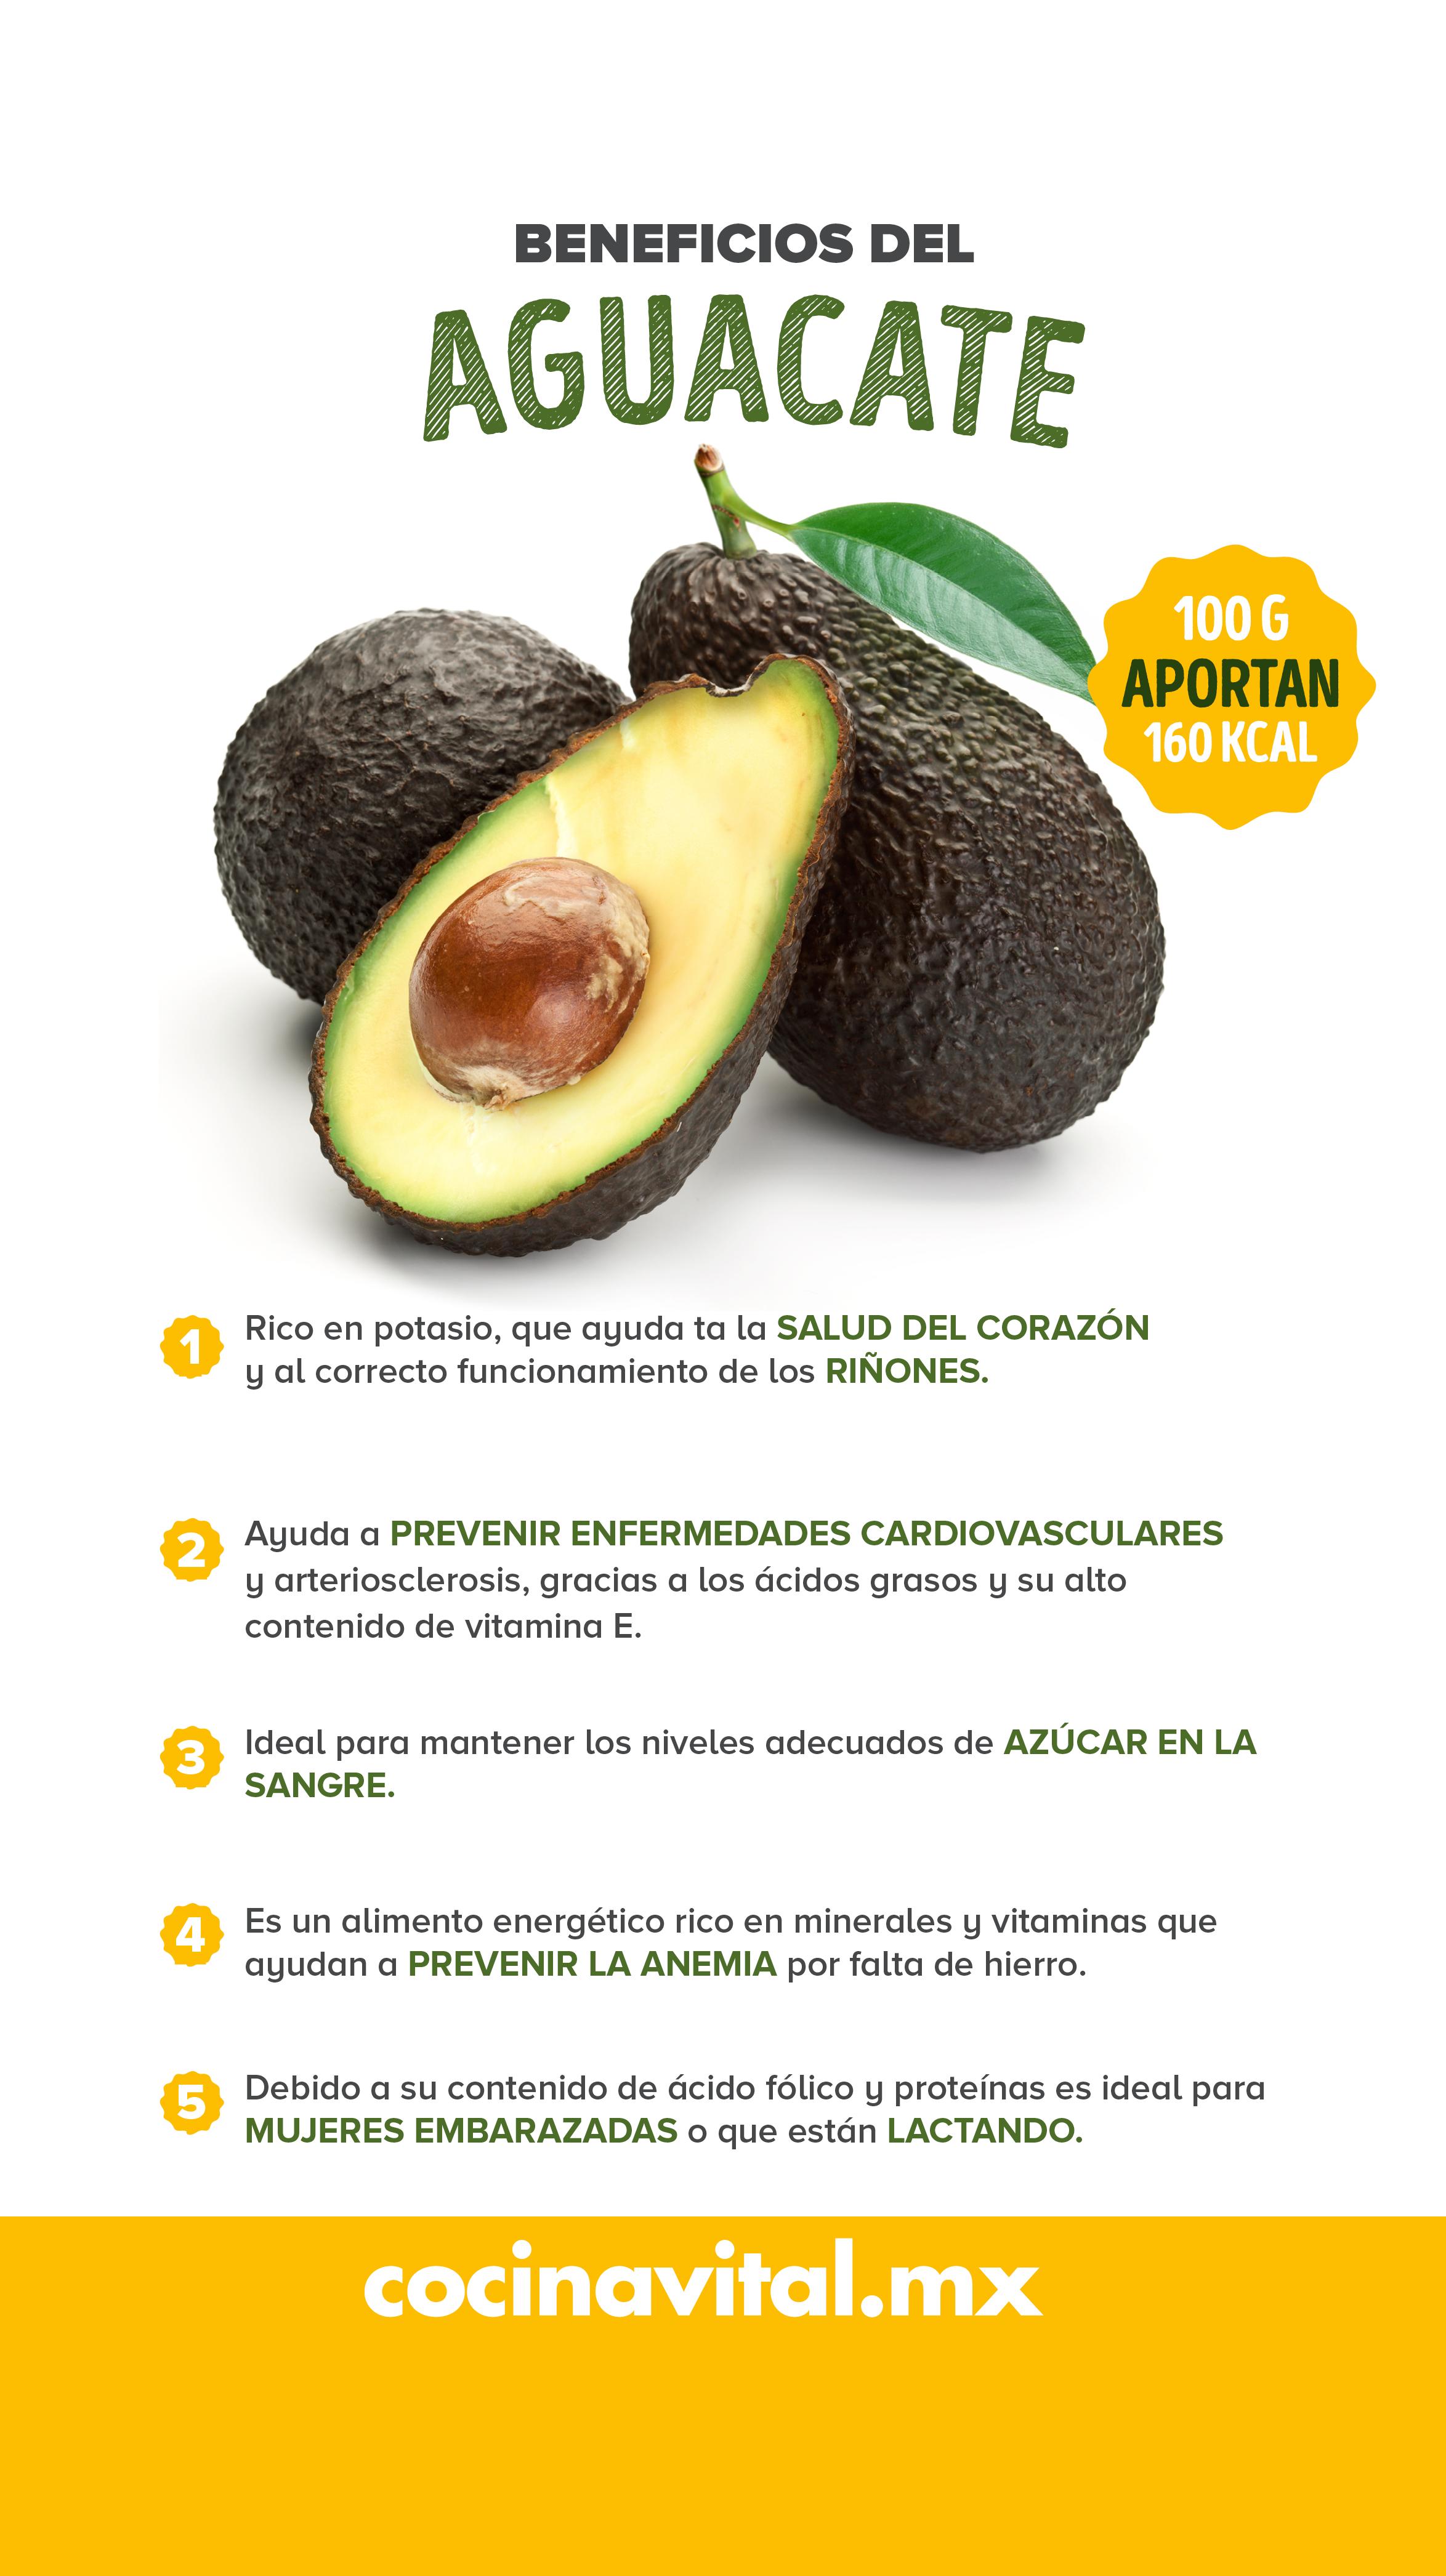 10 Increíbles Beneficios Del Aguacate Razones Para Agregarlo A Tu Comida Aguacate Beneficios Frutas Y Verduras Beneficios Beneficios De Alimentos